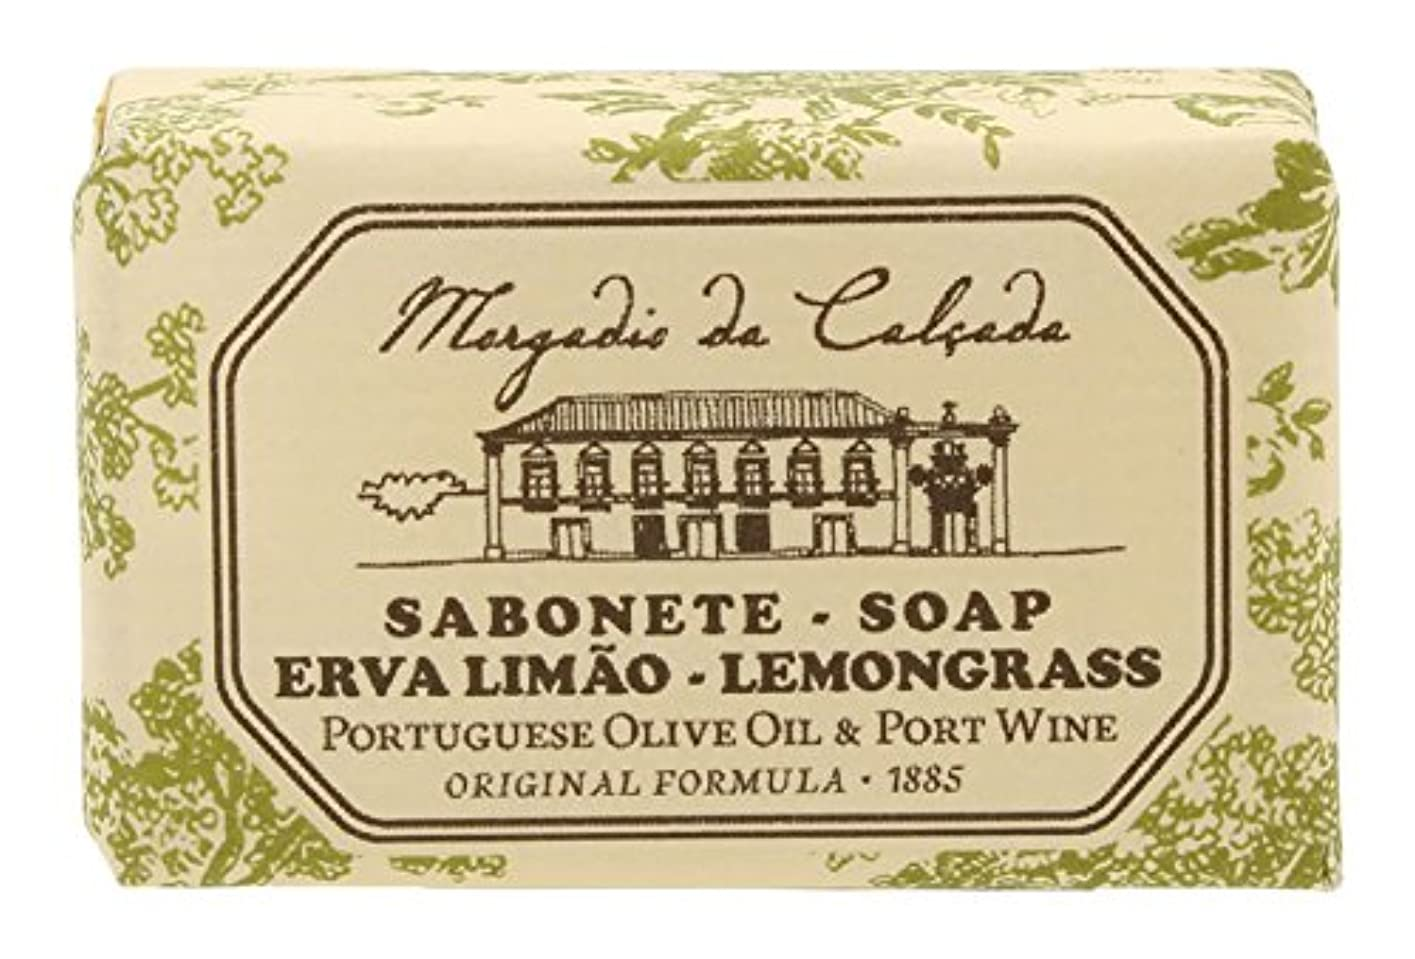 ぬれた初期の強化するモルガディオ ダ カルサダ ソープ レモングラス 35g